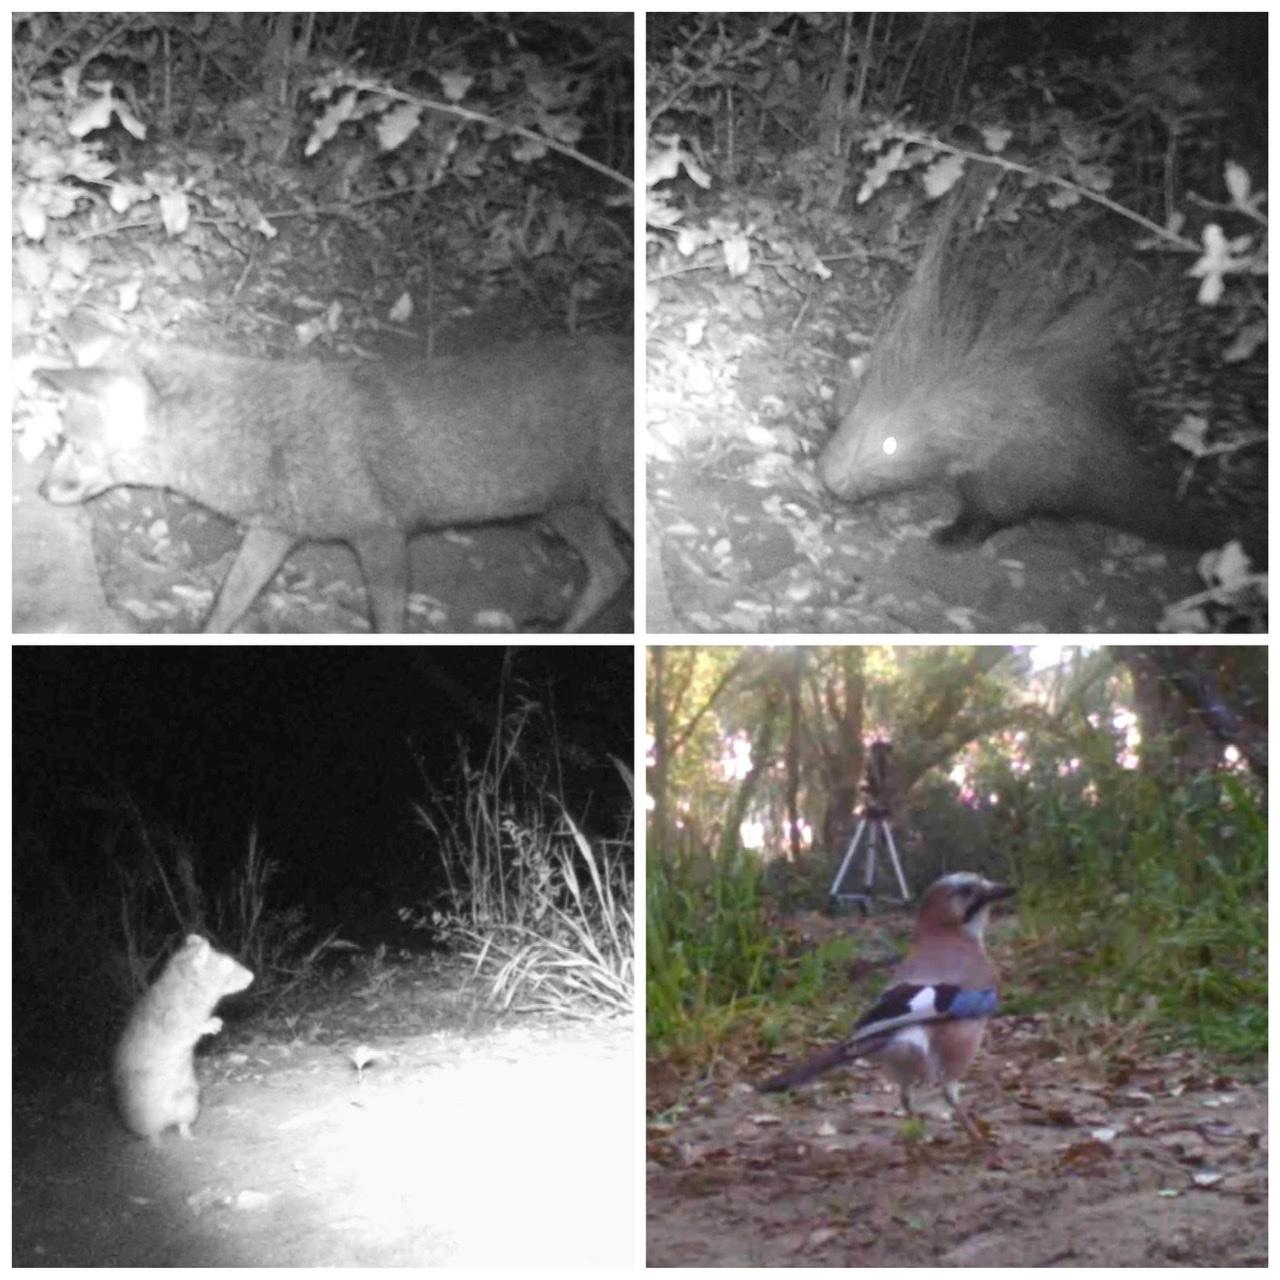 La vita del bosco: tra istrici, volpi e ghiandaie